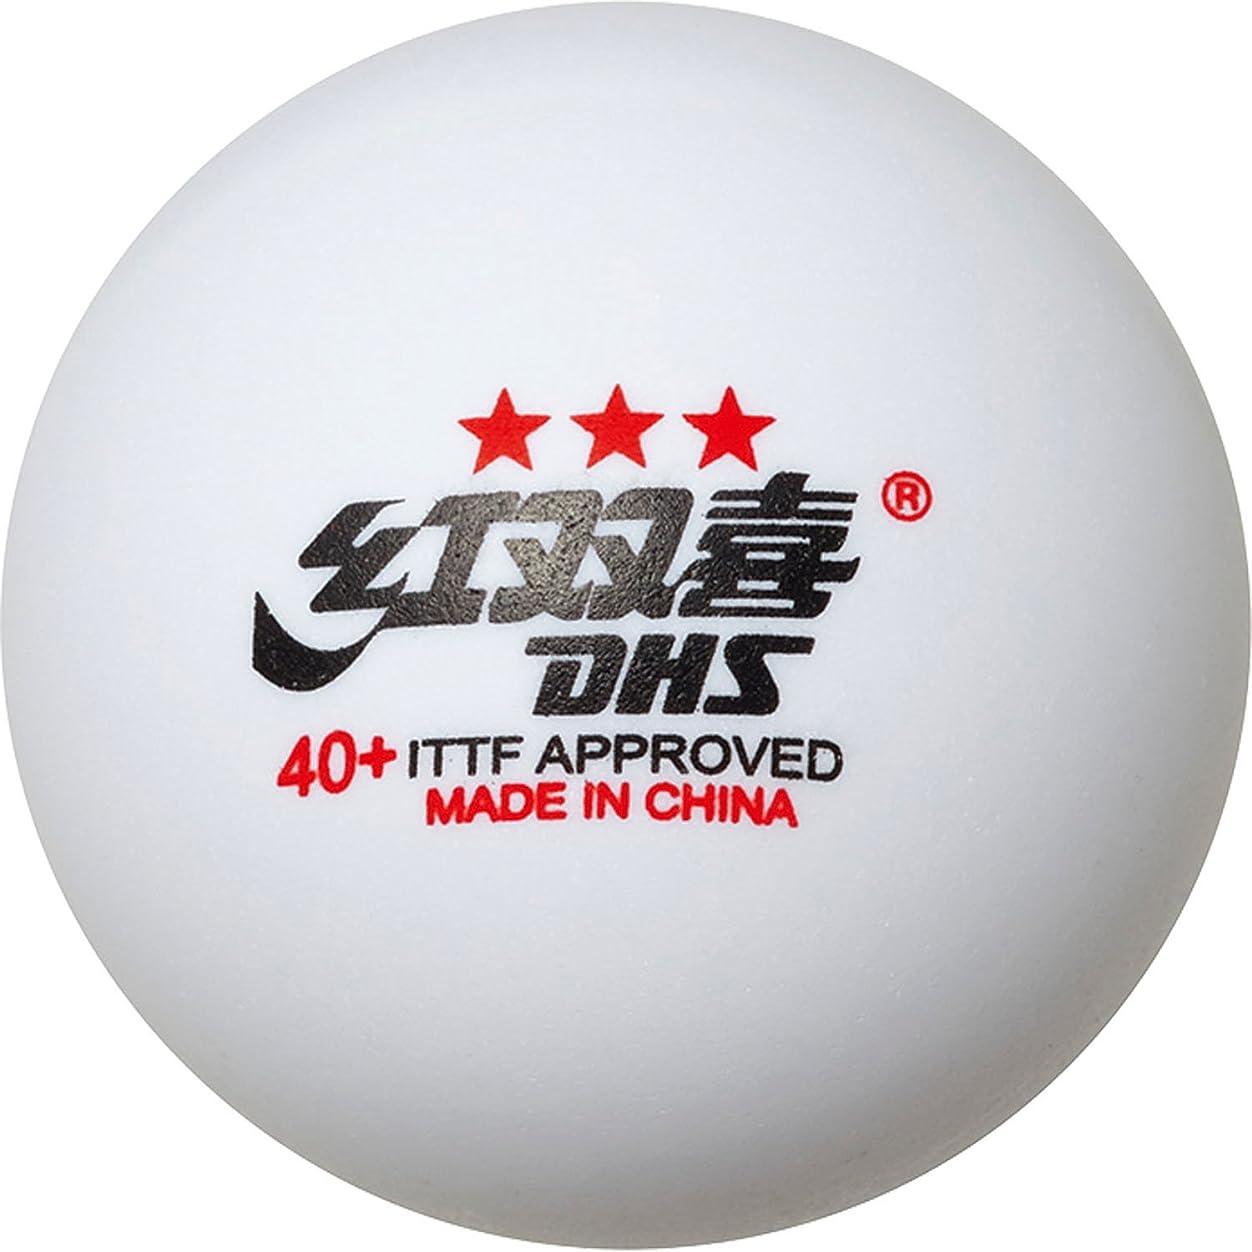 放棄されたモンキー故障ニッタク(Nittaku) 卓球 ボール DHS プラ3スター ホワイト NB1500